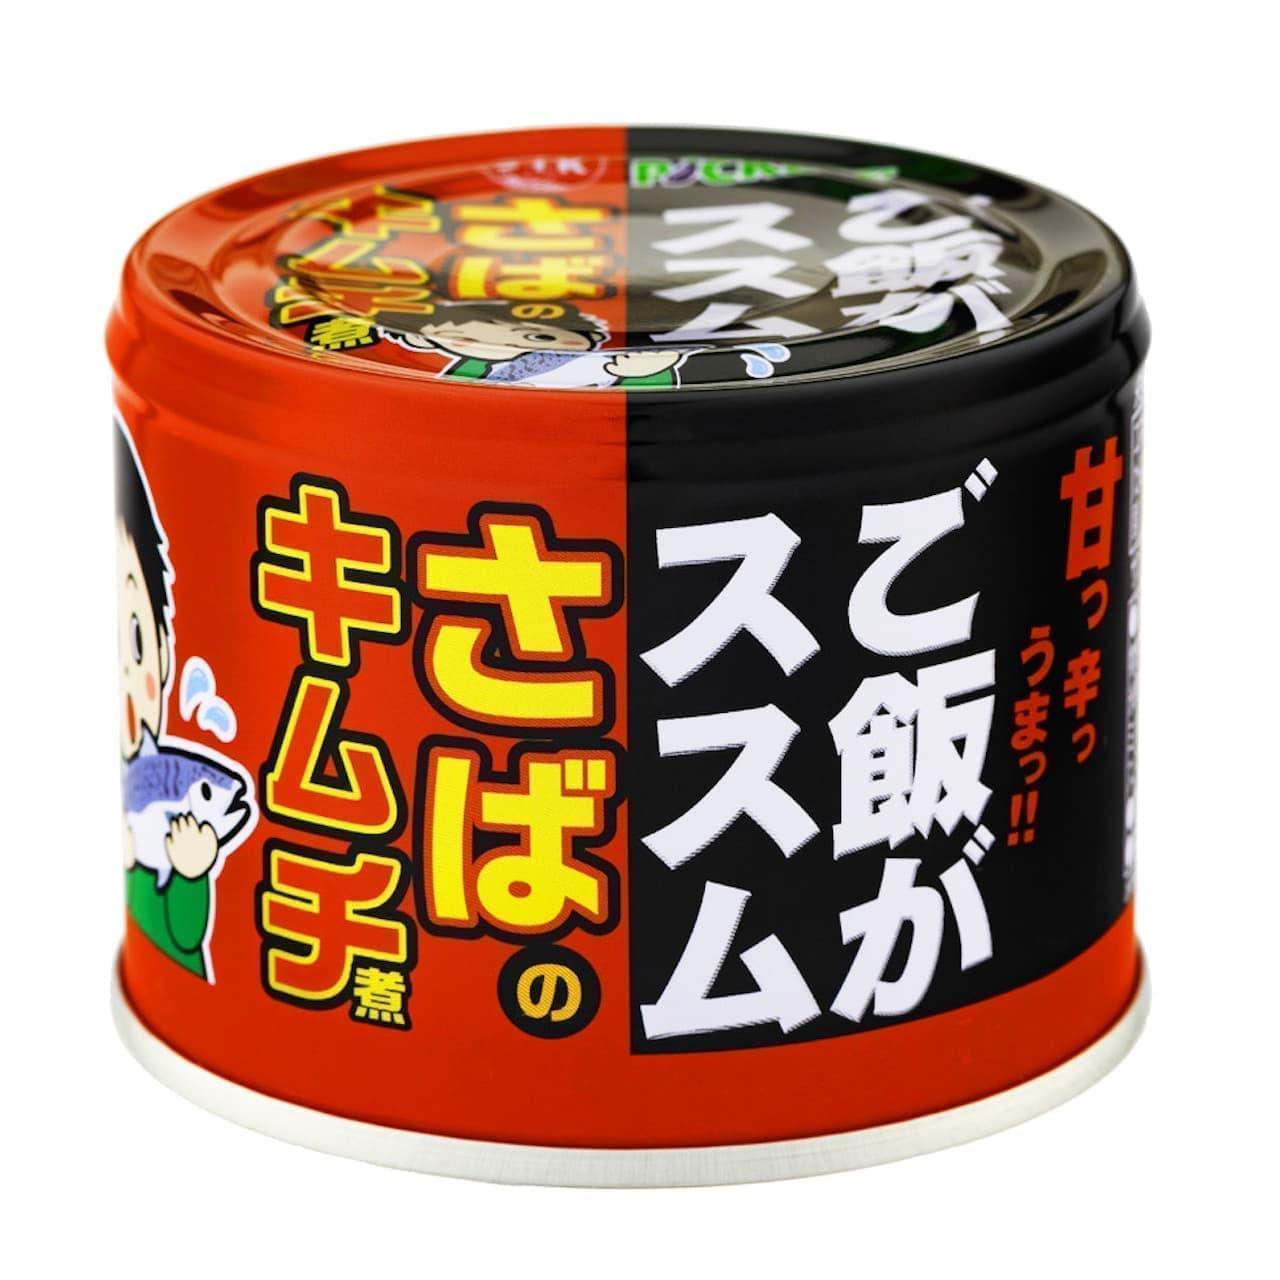 信田缶詰「ご飯がススム さばのキムチ煮」